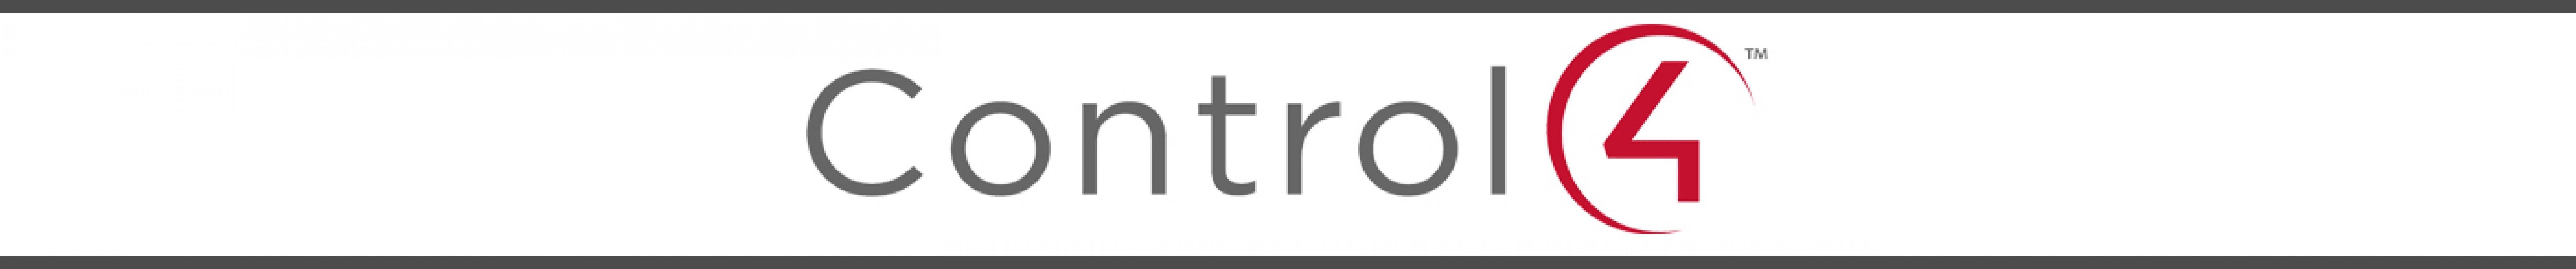 logo_top1.jpg